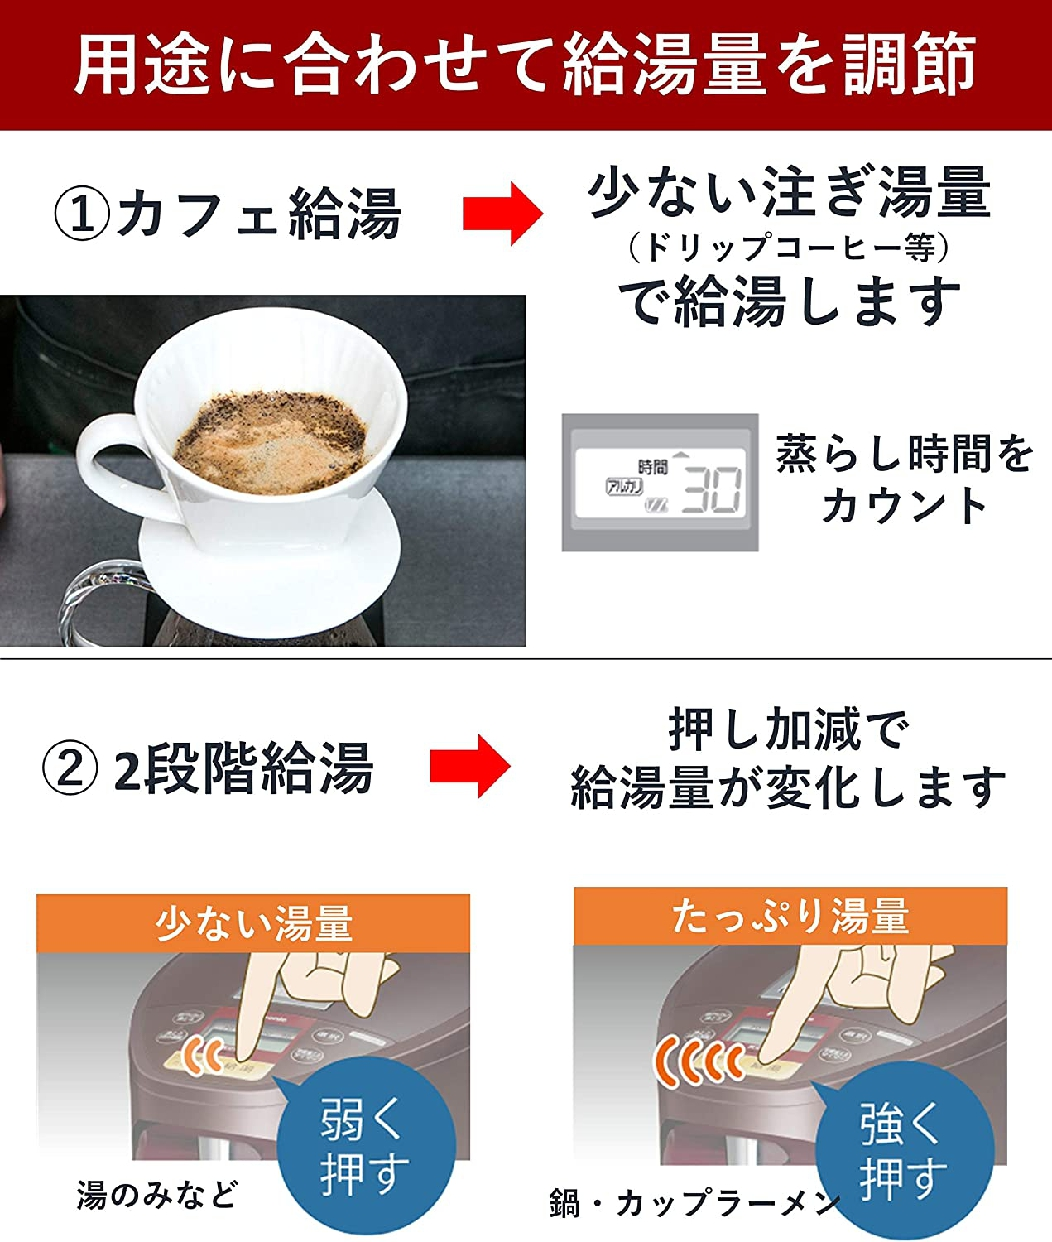 Panasonic(パナソニック)マイコン沸騰ジャーポット NC-BJ224の商品画像5